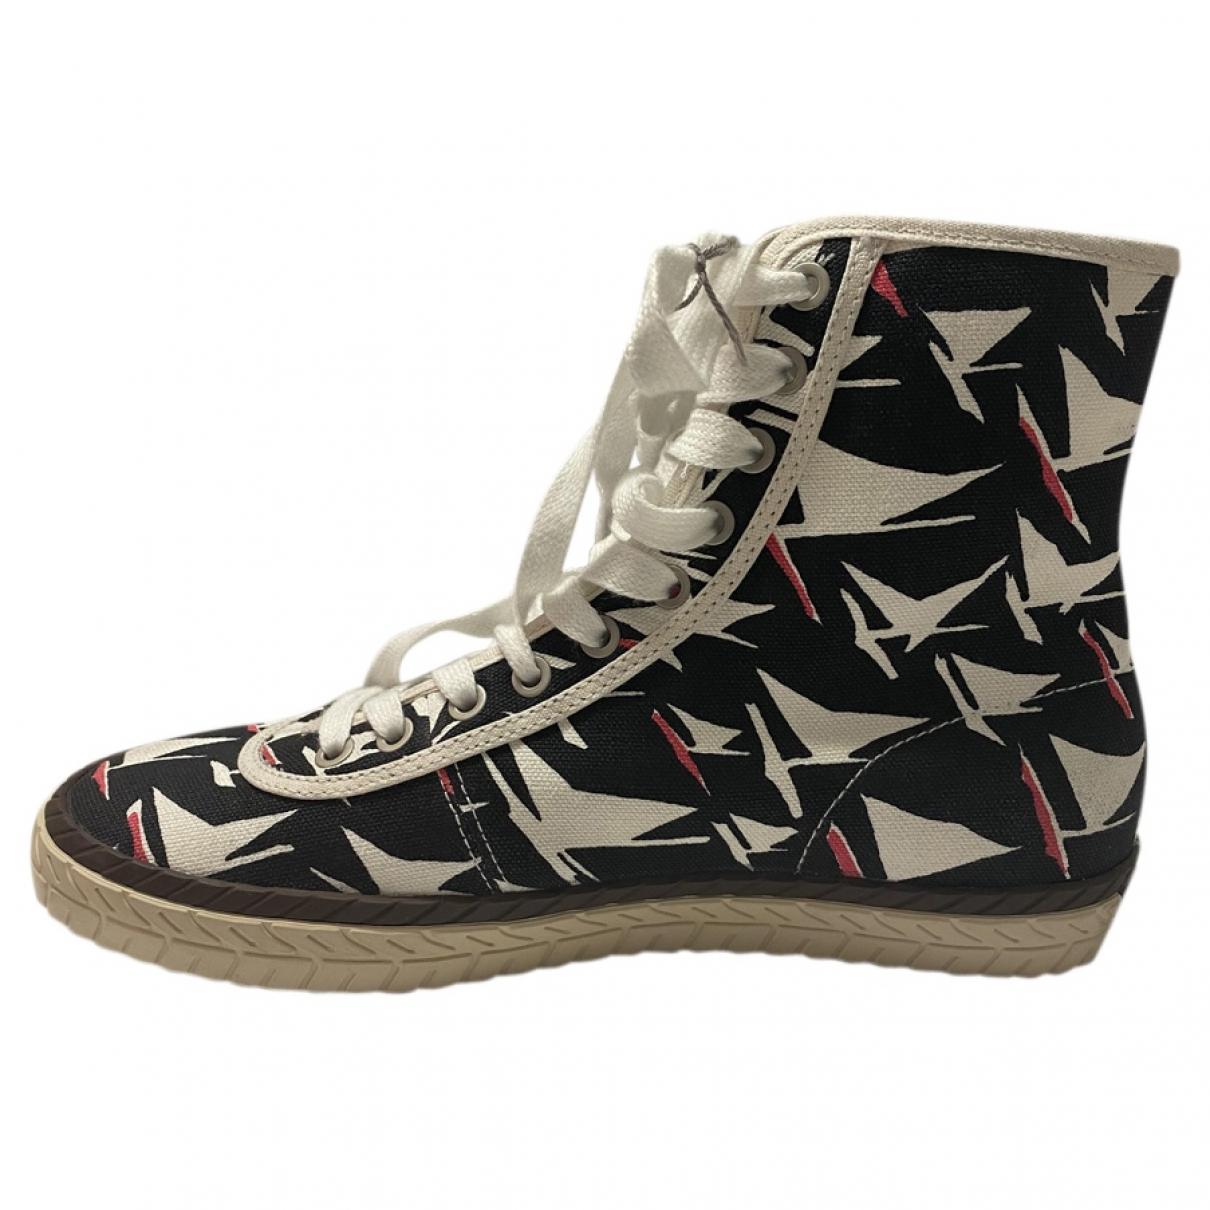 Marni \N Sneakers in  Schwarz Leinen